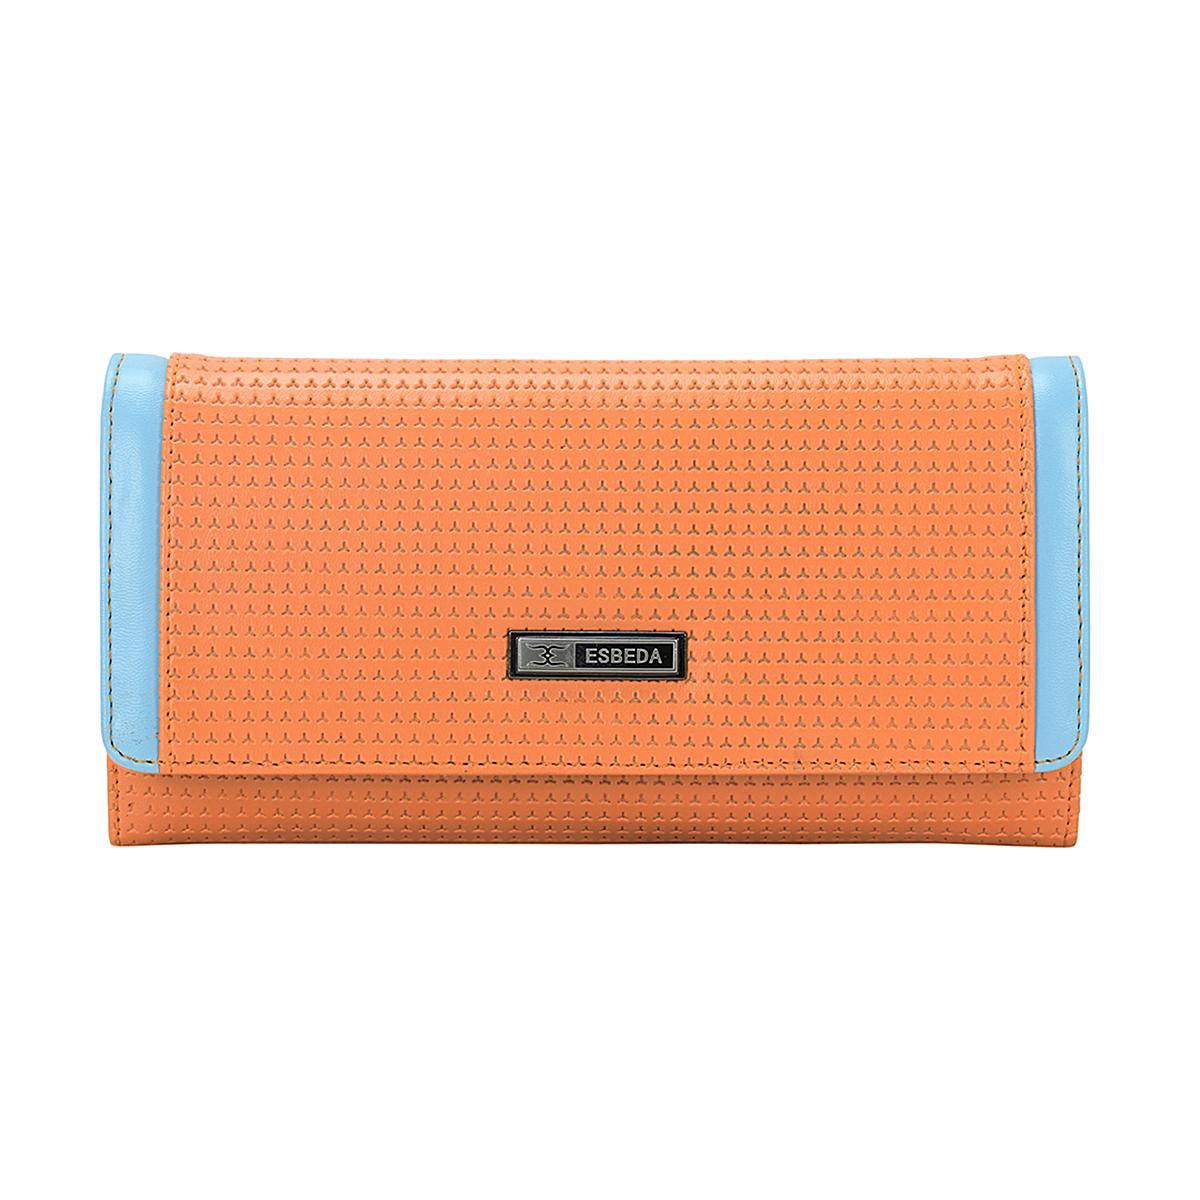 ESBEDA   ESBEDA Orange Color Emboss Texture Wallet For Women